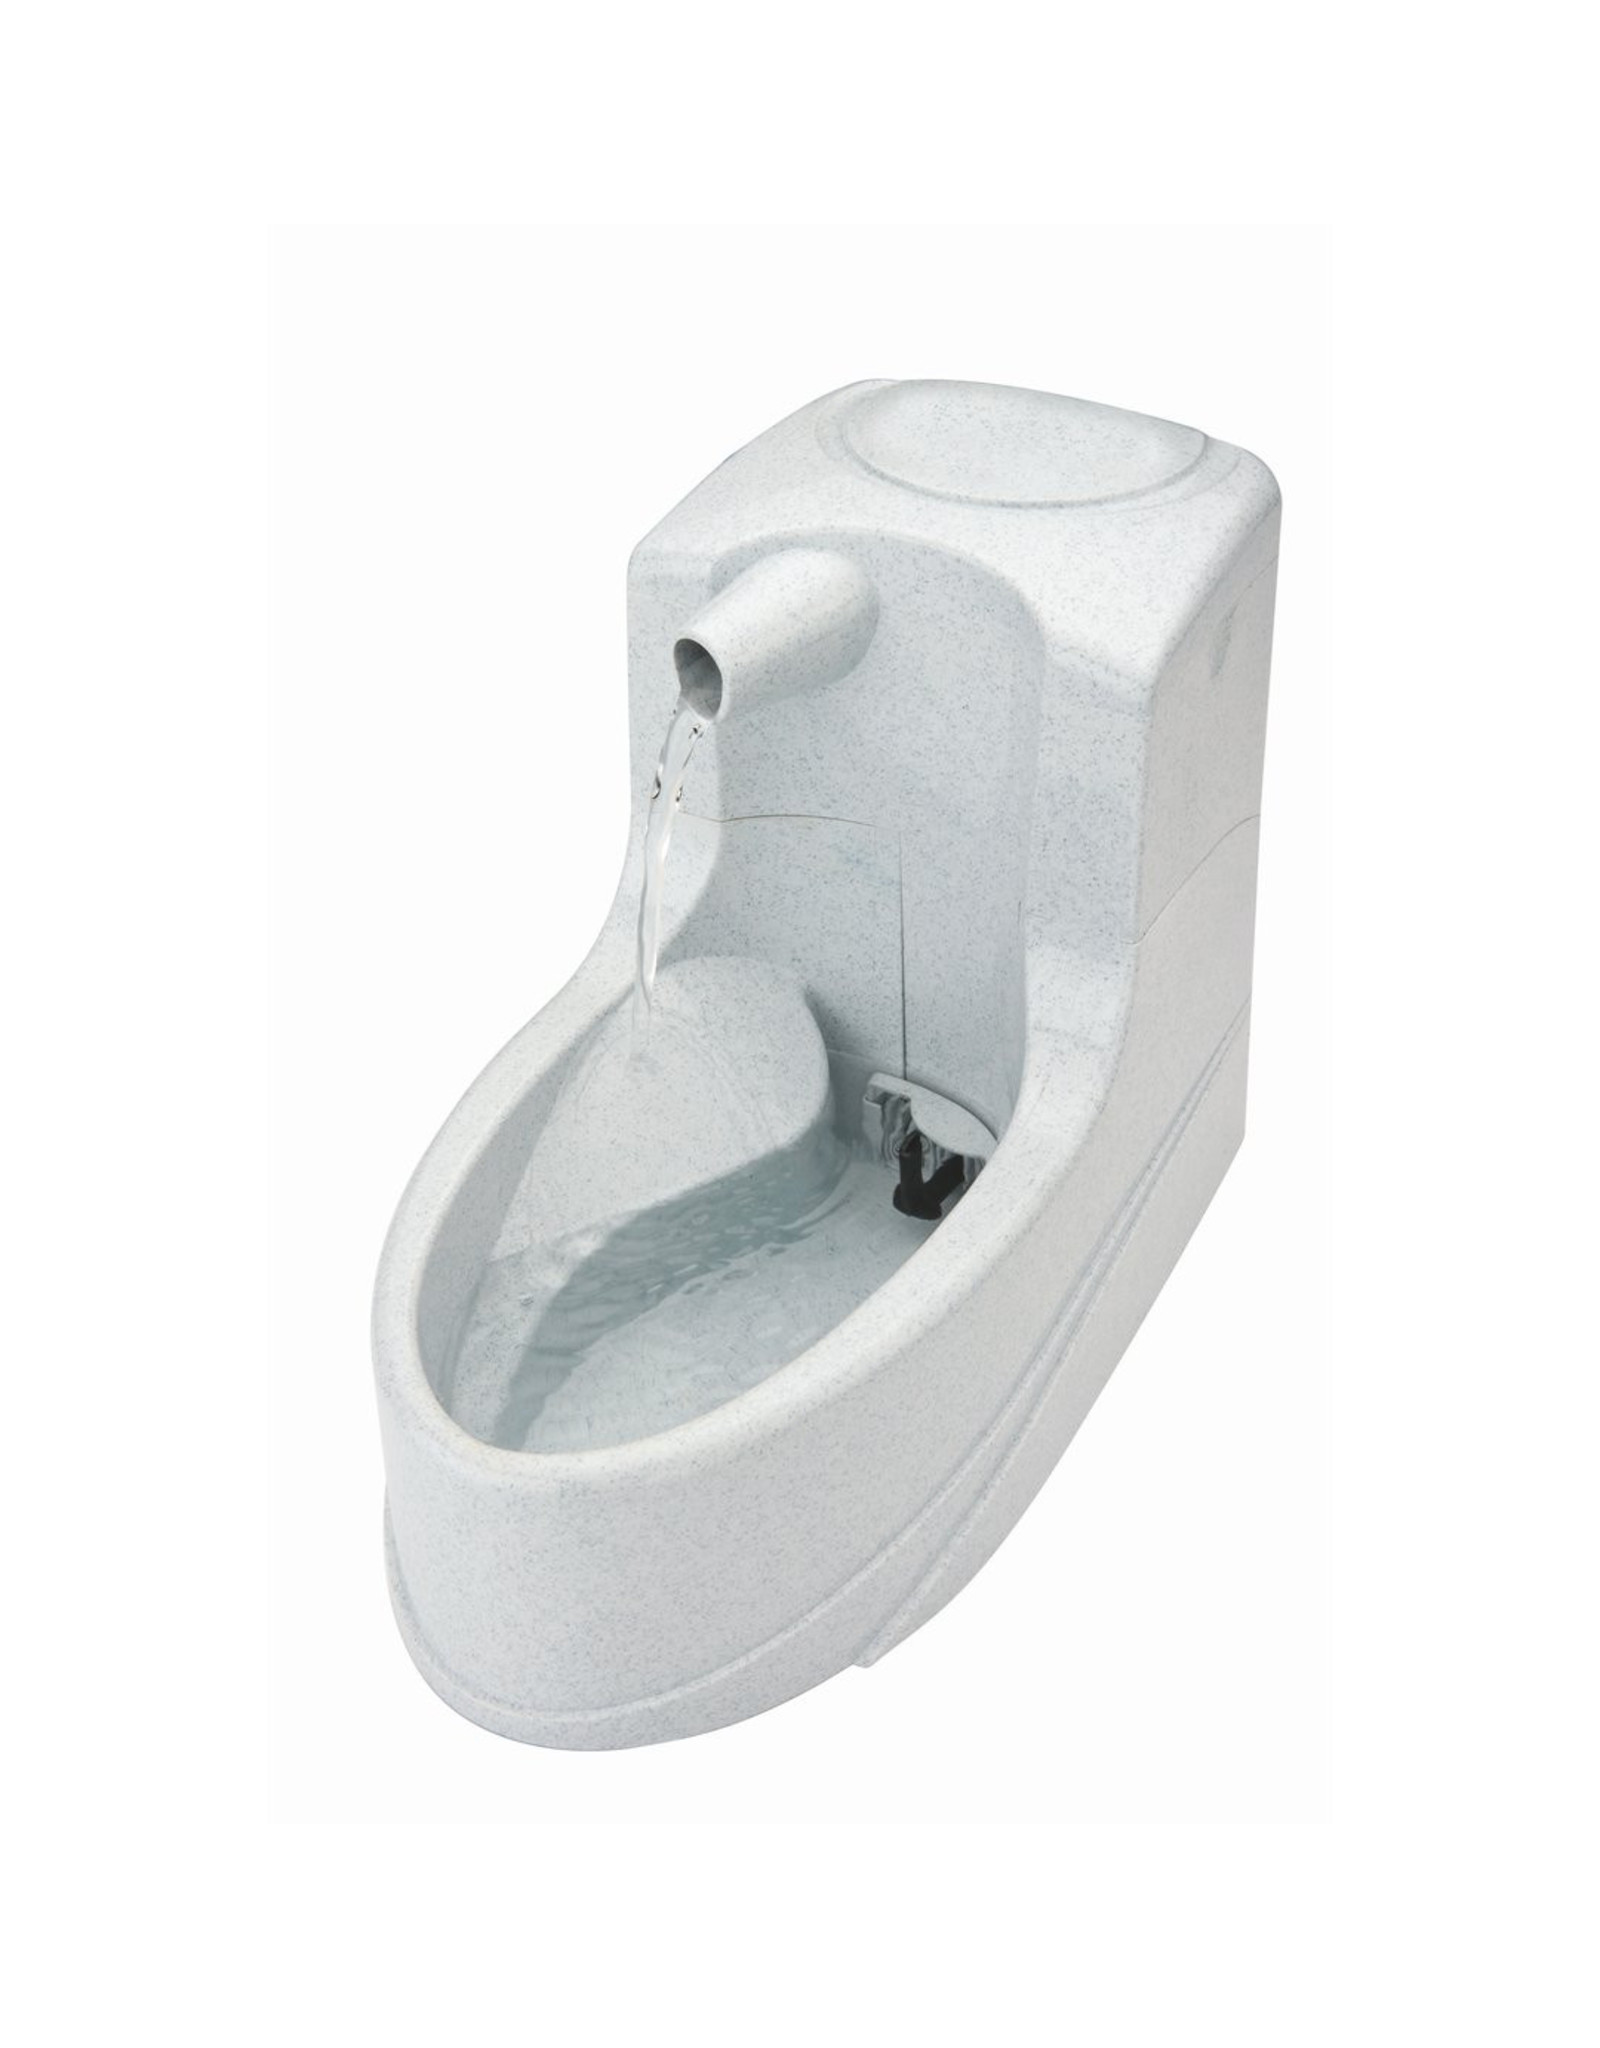 PetSafe PetSafe Drinkwell Mini Water Fountain 40oz